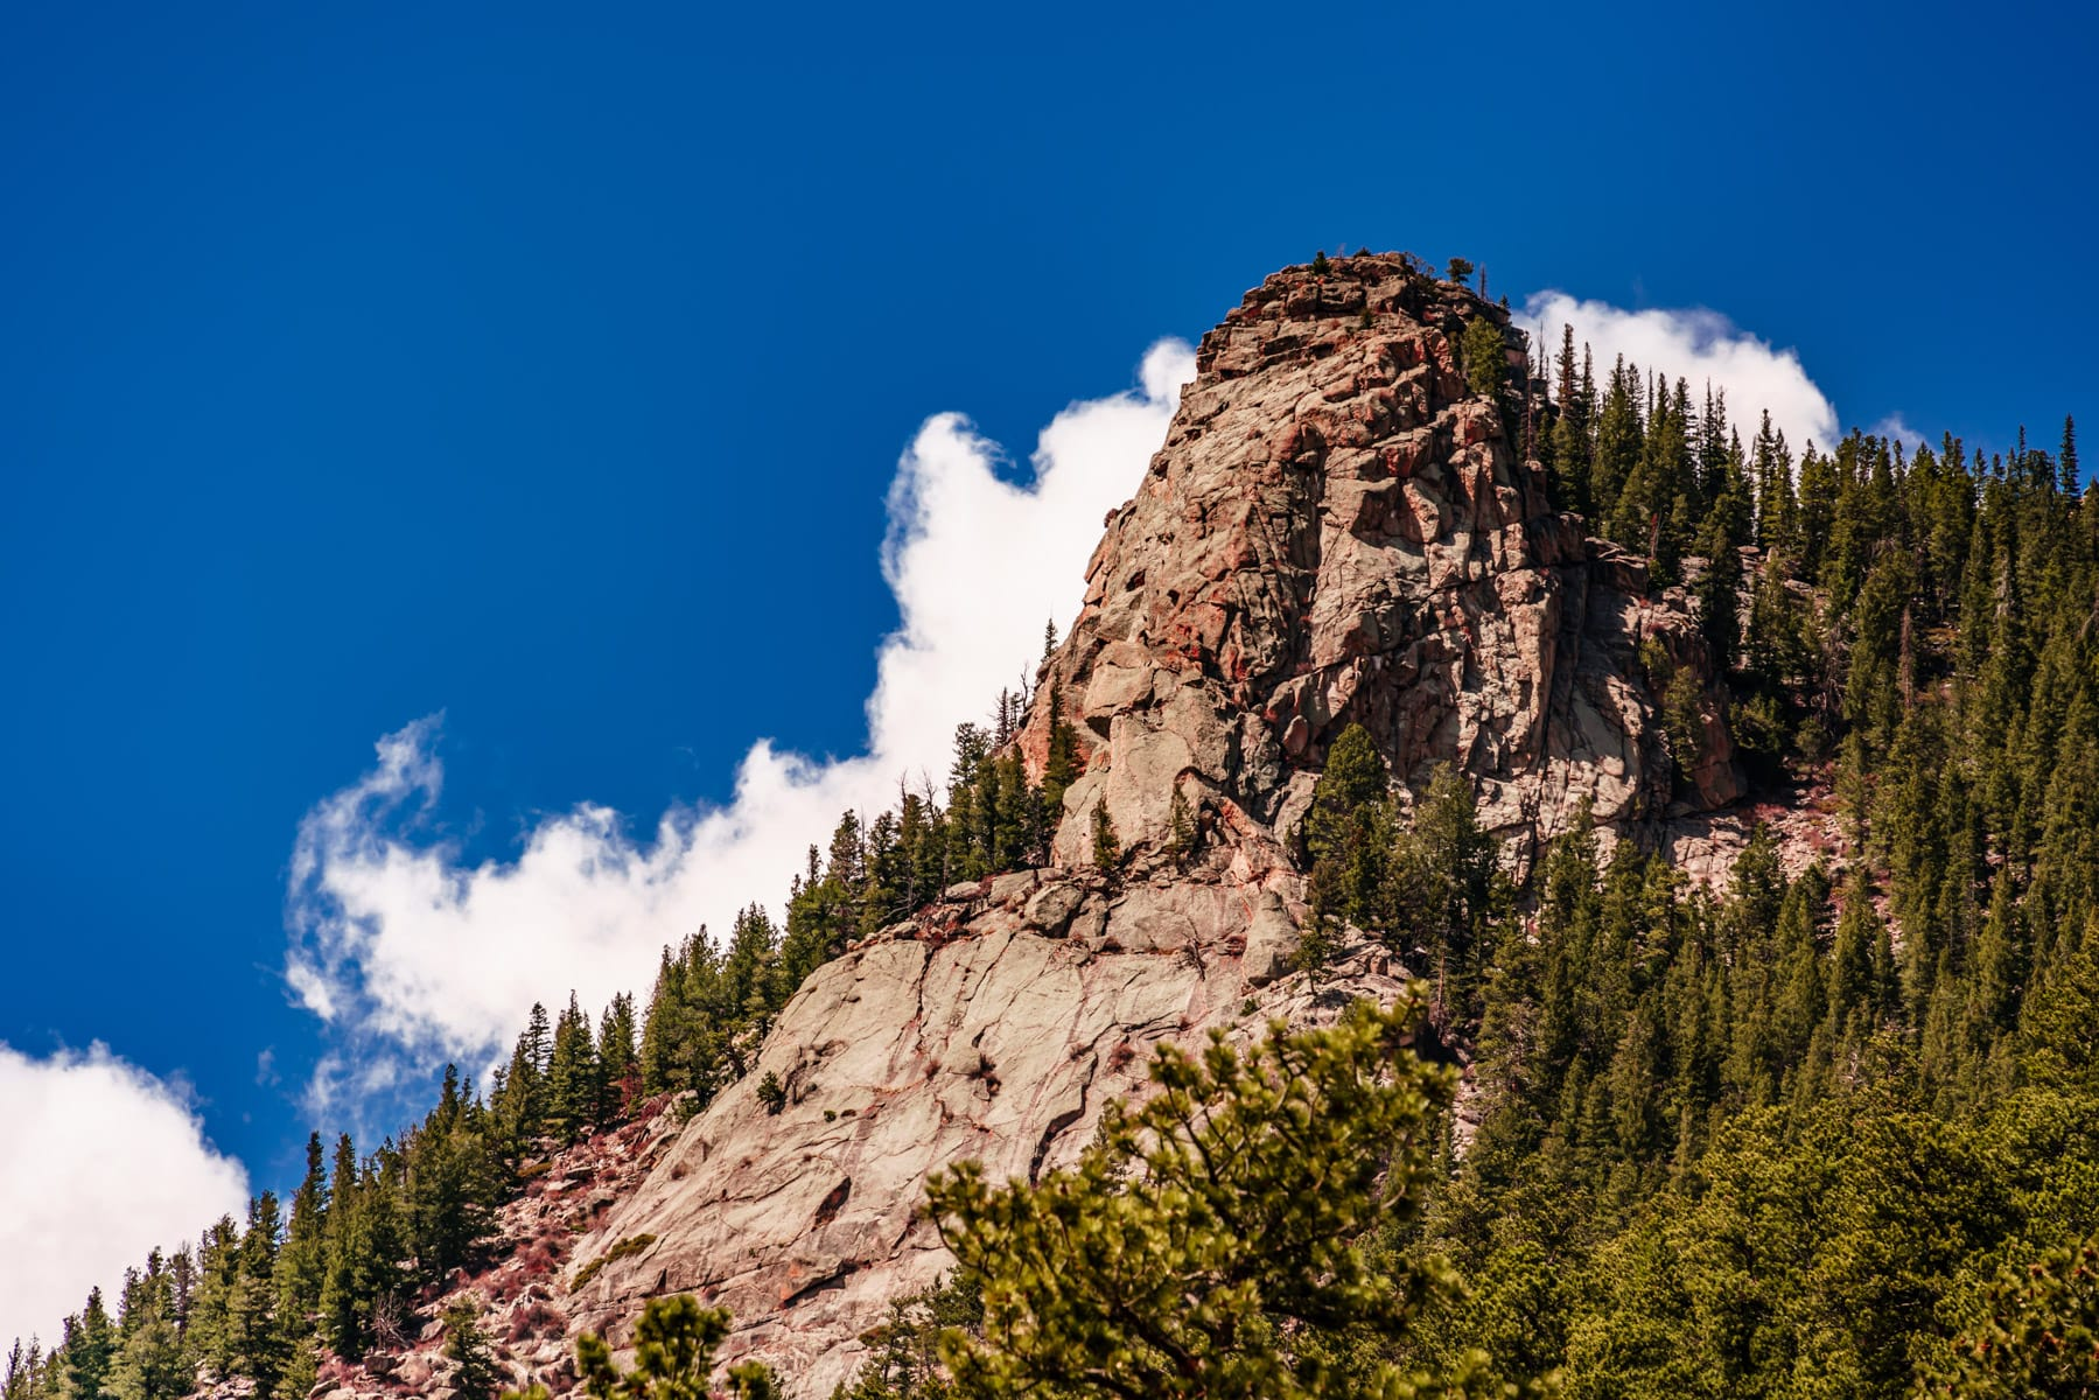 A rocky outcropping reaches into the sky at Colorado's Rocky Mountain National Park.